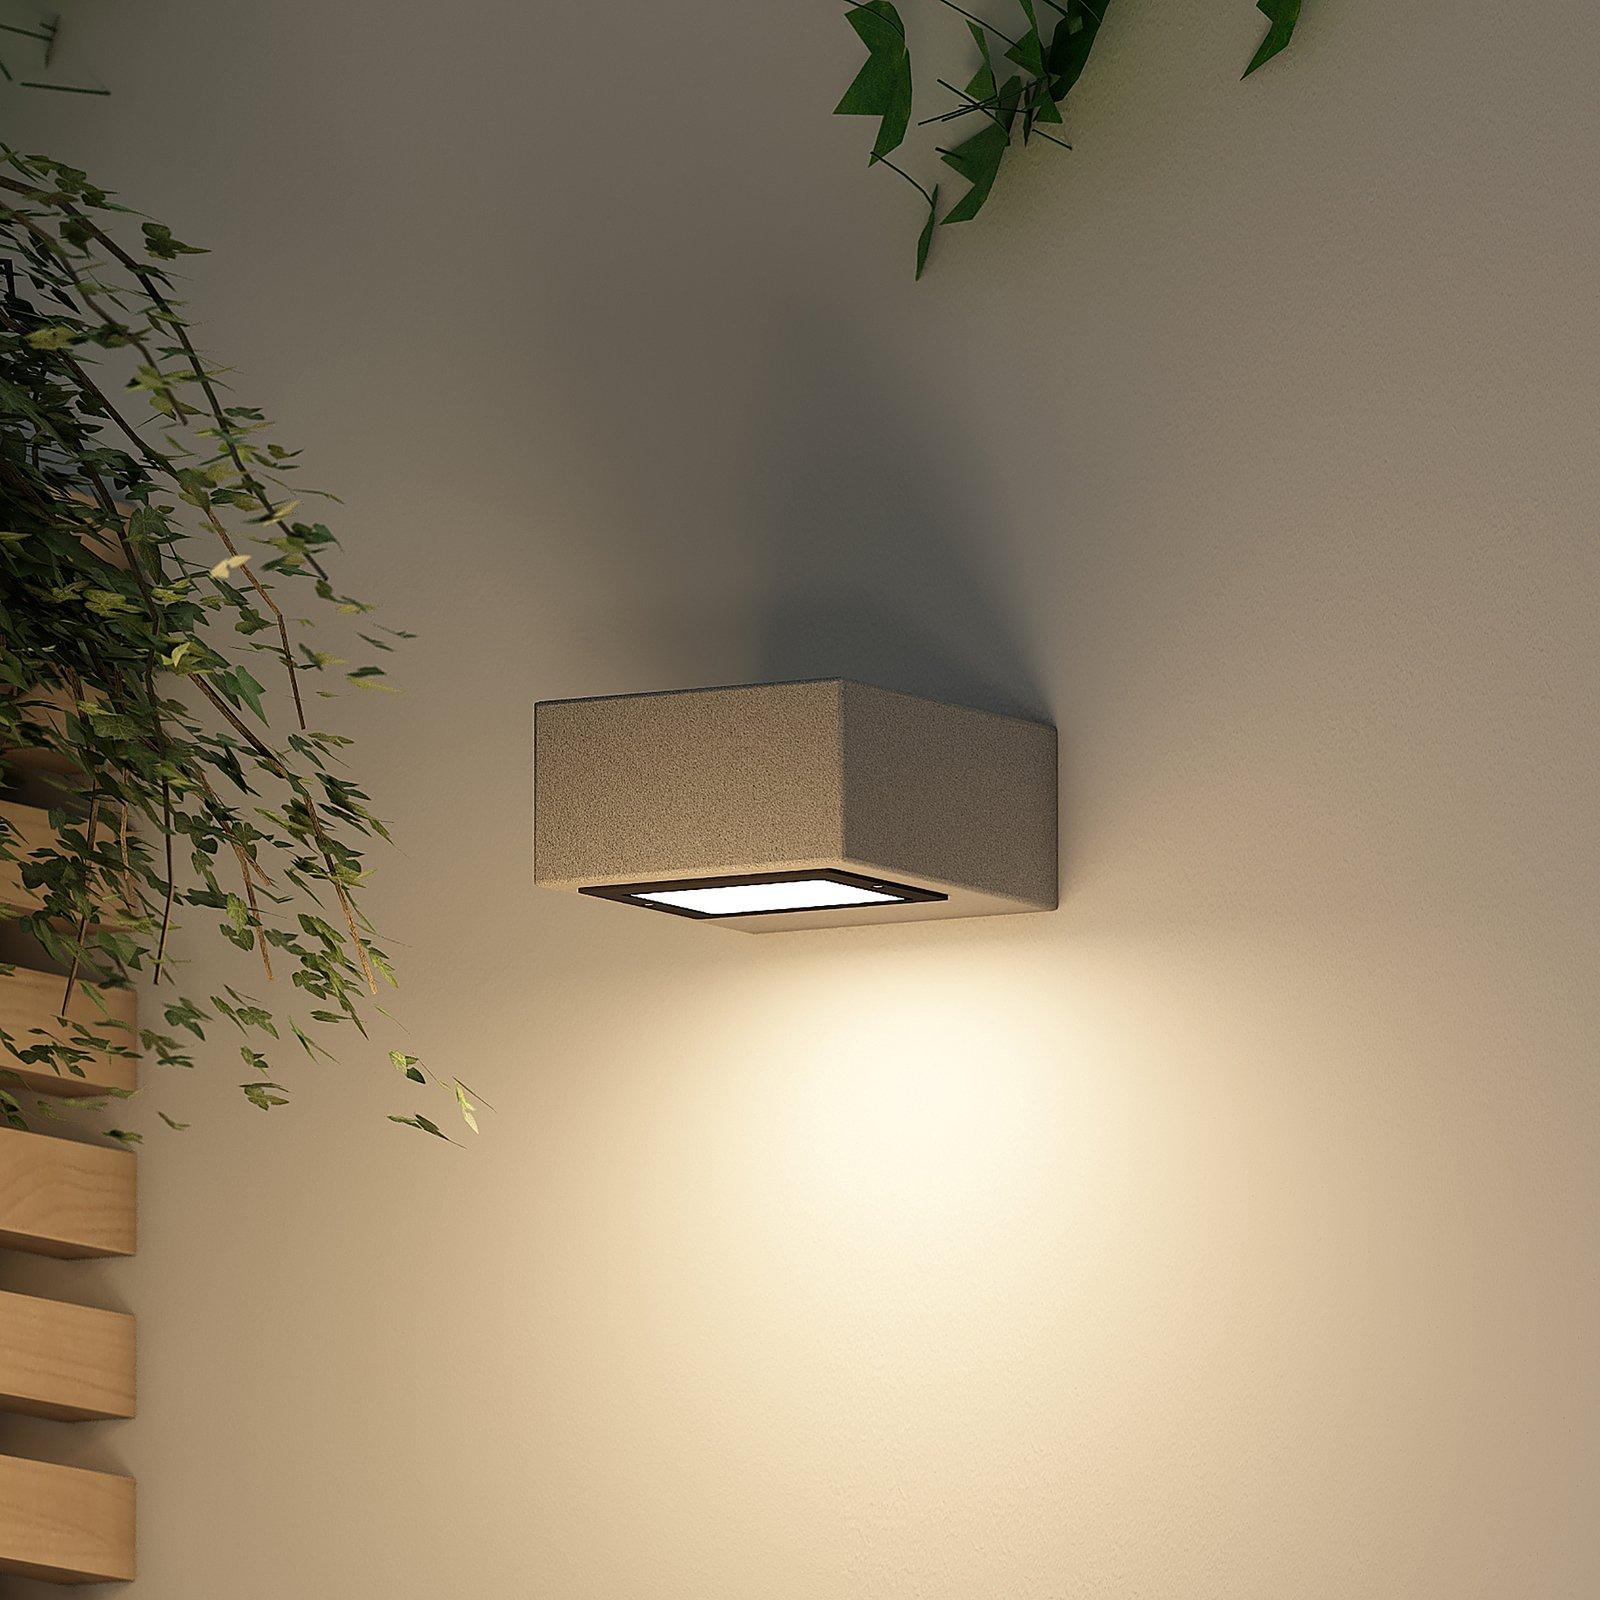 Arcchio Udonna LED-vegglampe, fatning øverst